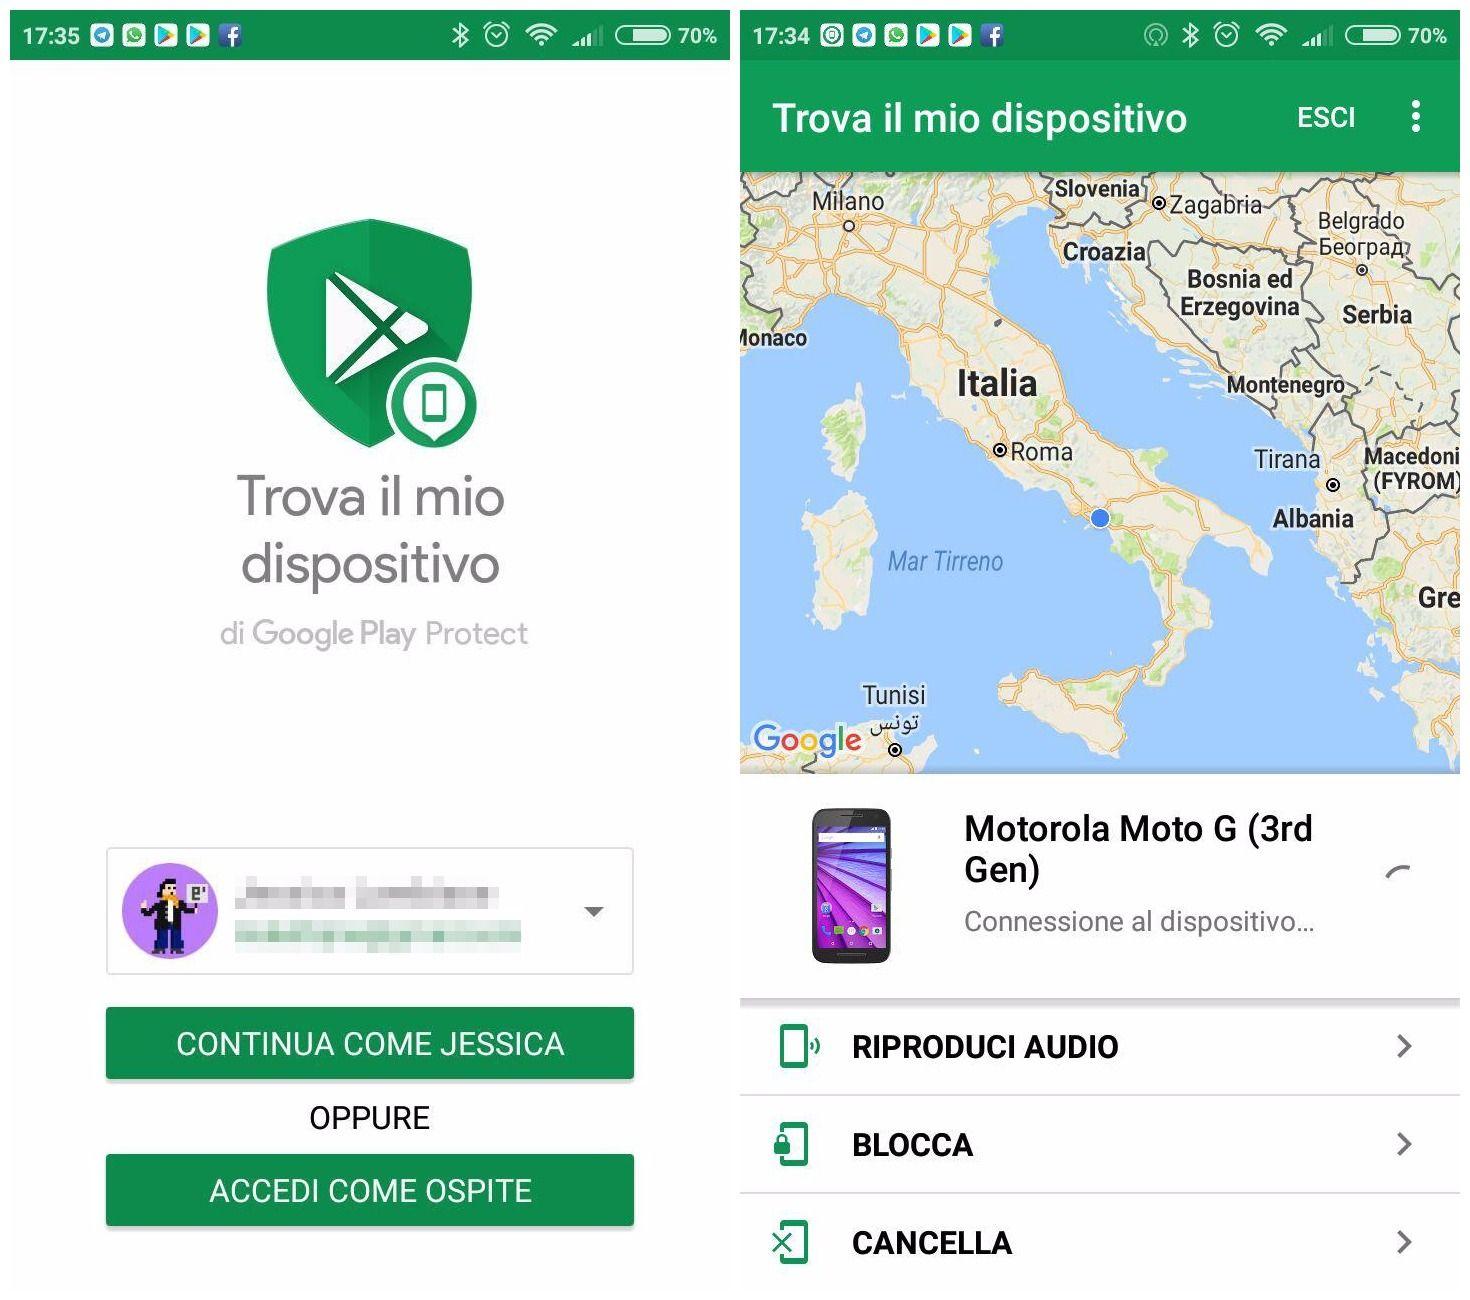 Trova il mio dispositivo - App Android